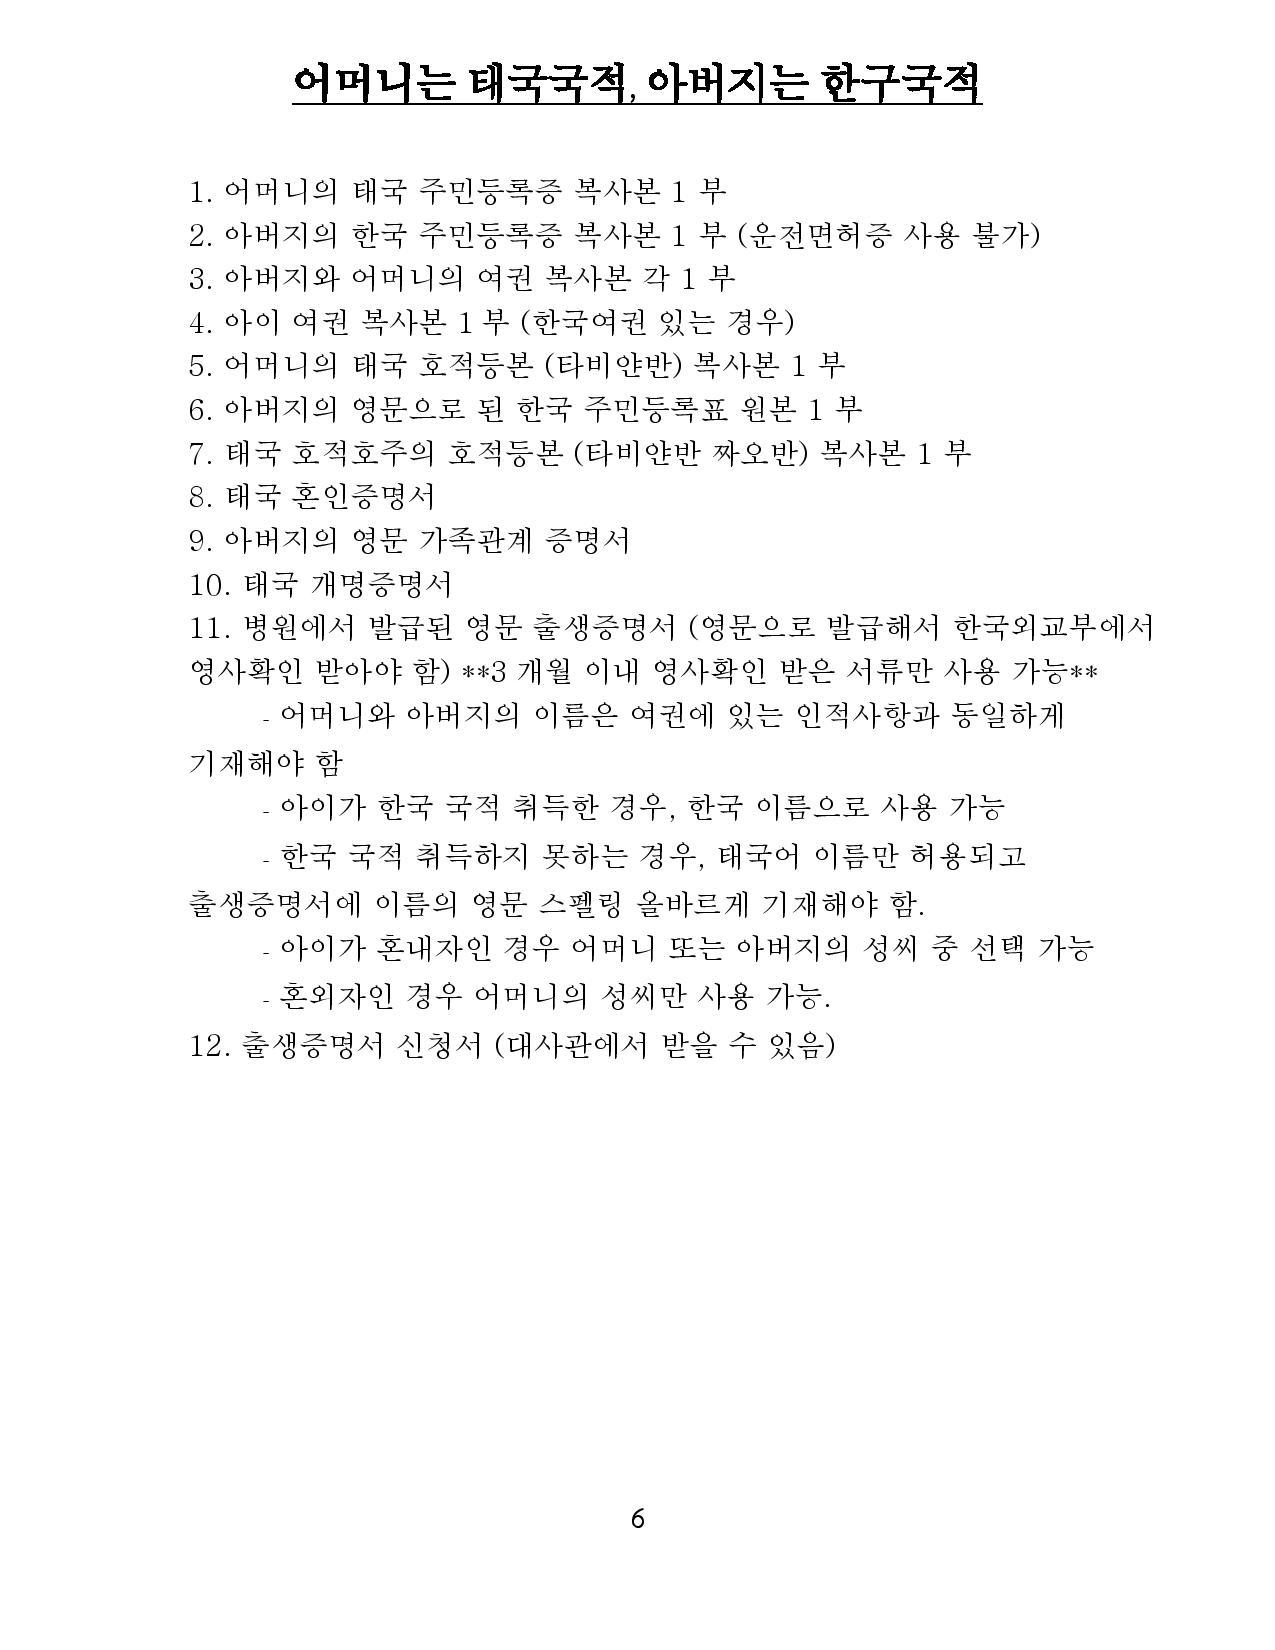 เกิด_ไทย-เกาหลี_2020-page-006